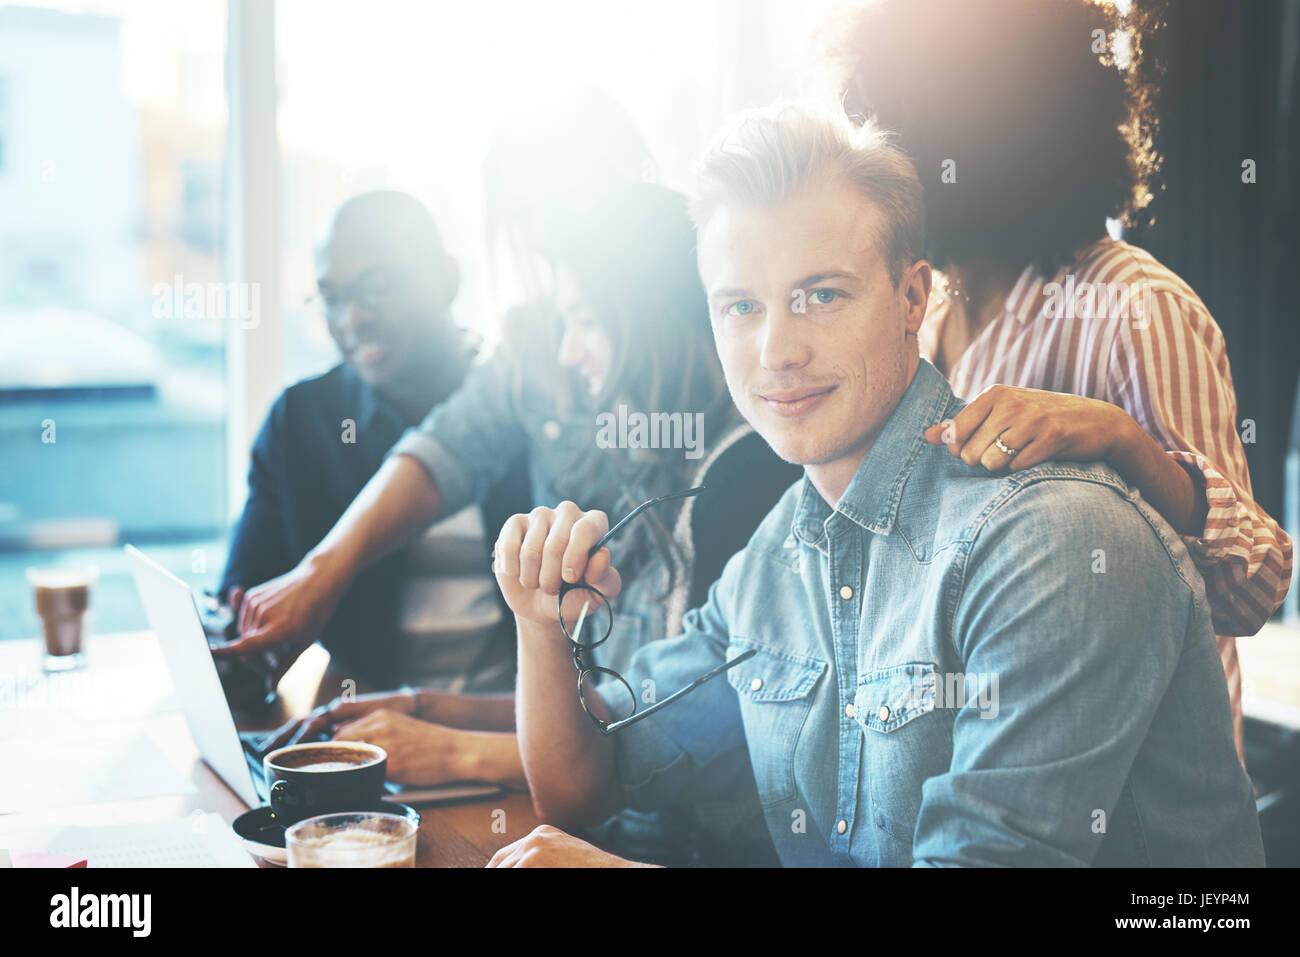 Gut aussehender Mann hält Brillen sitzen am Konferenztisch mit Kollegen. Helle Fenster im Hintergrund. Stockbild